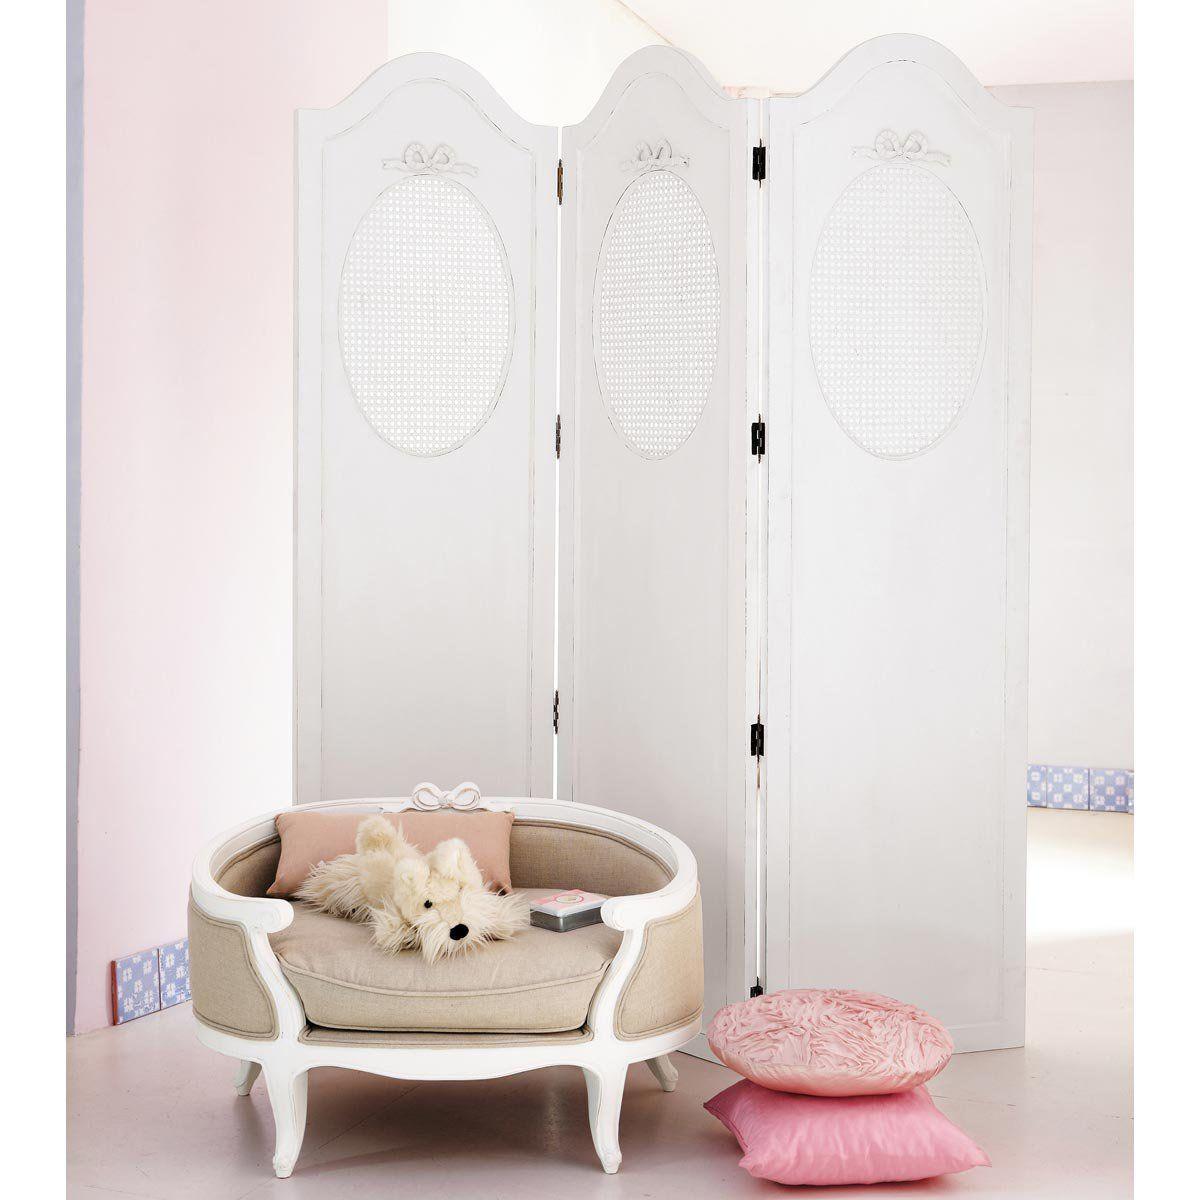 Canape Chien Maison Du Monde meubles d'appoint | mobilier de salon, canapé rustique et